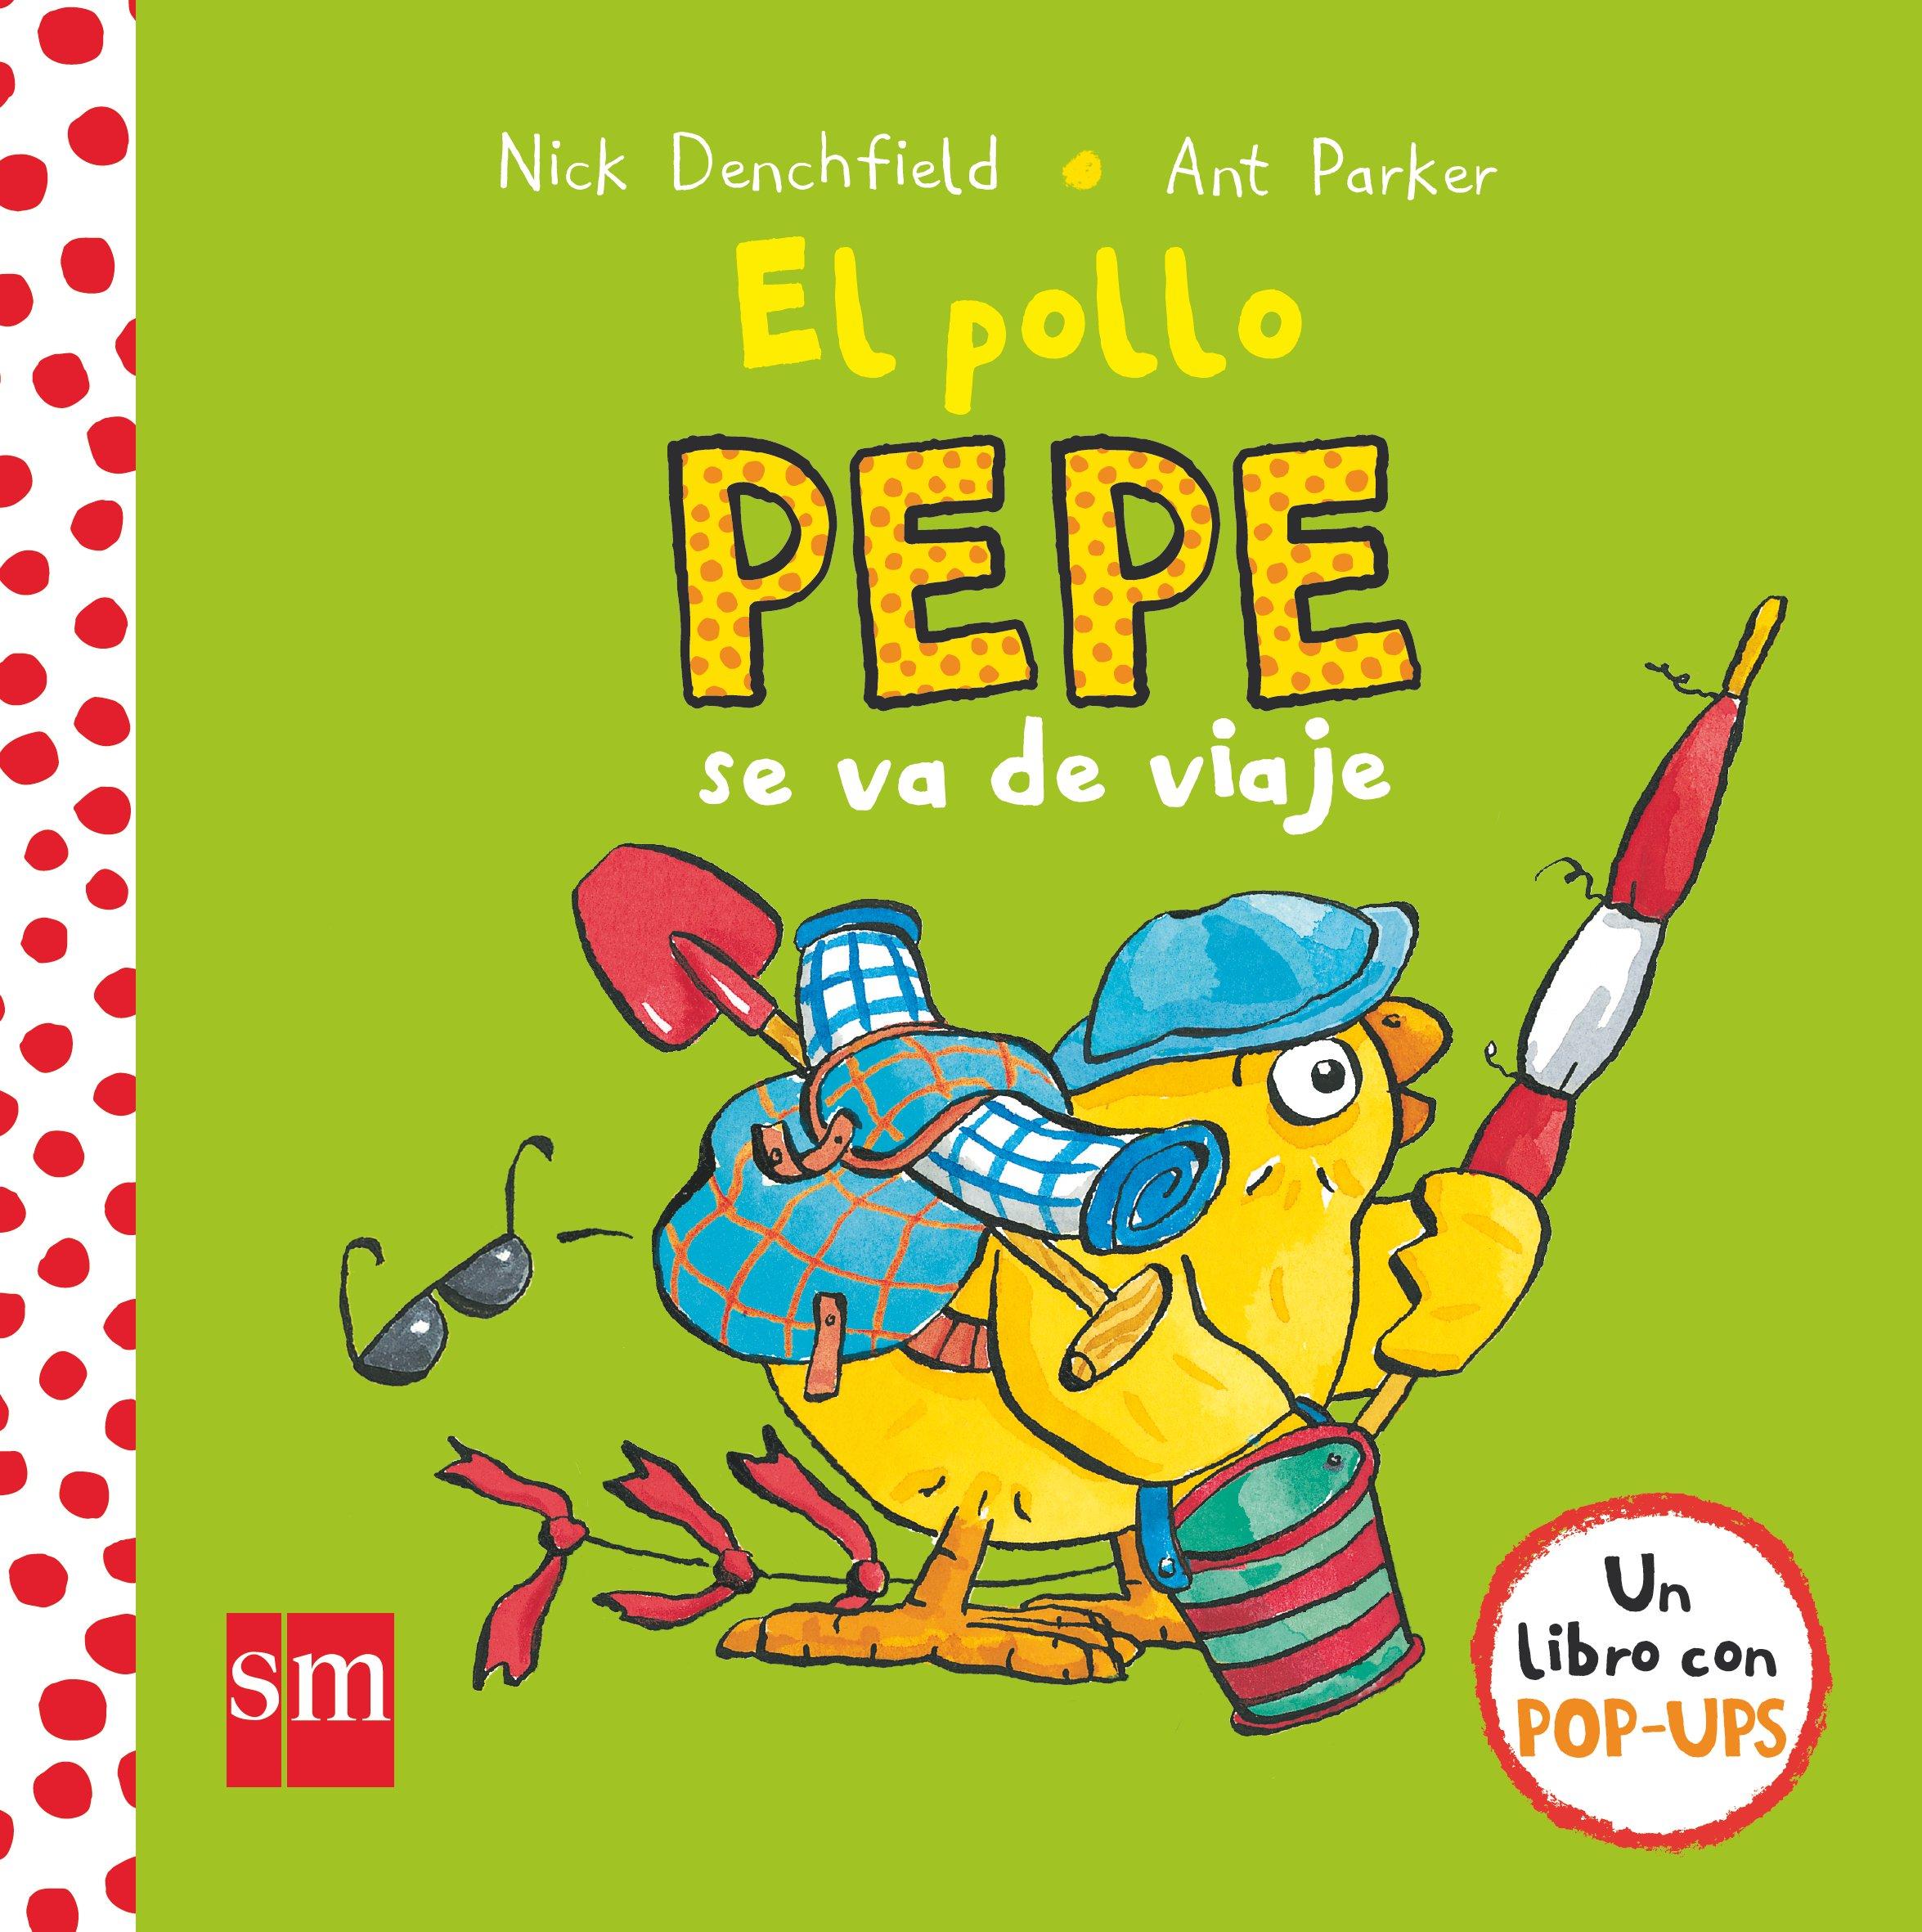 El pollo Pepe se va de viaje El pollo Pepe y sus amigos: Amazon.es: Nick  Denchfield, Ant Parker: Libros